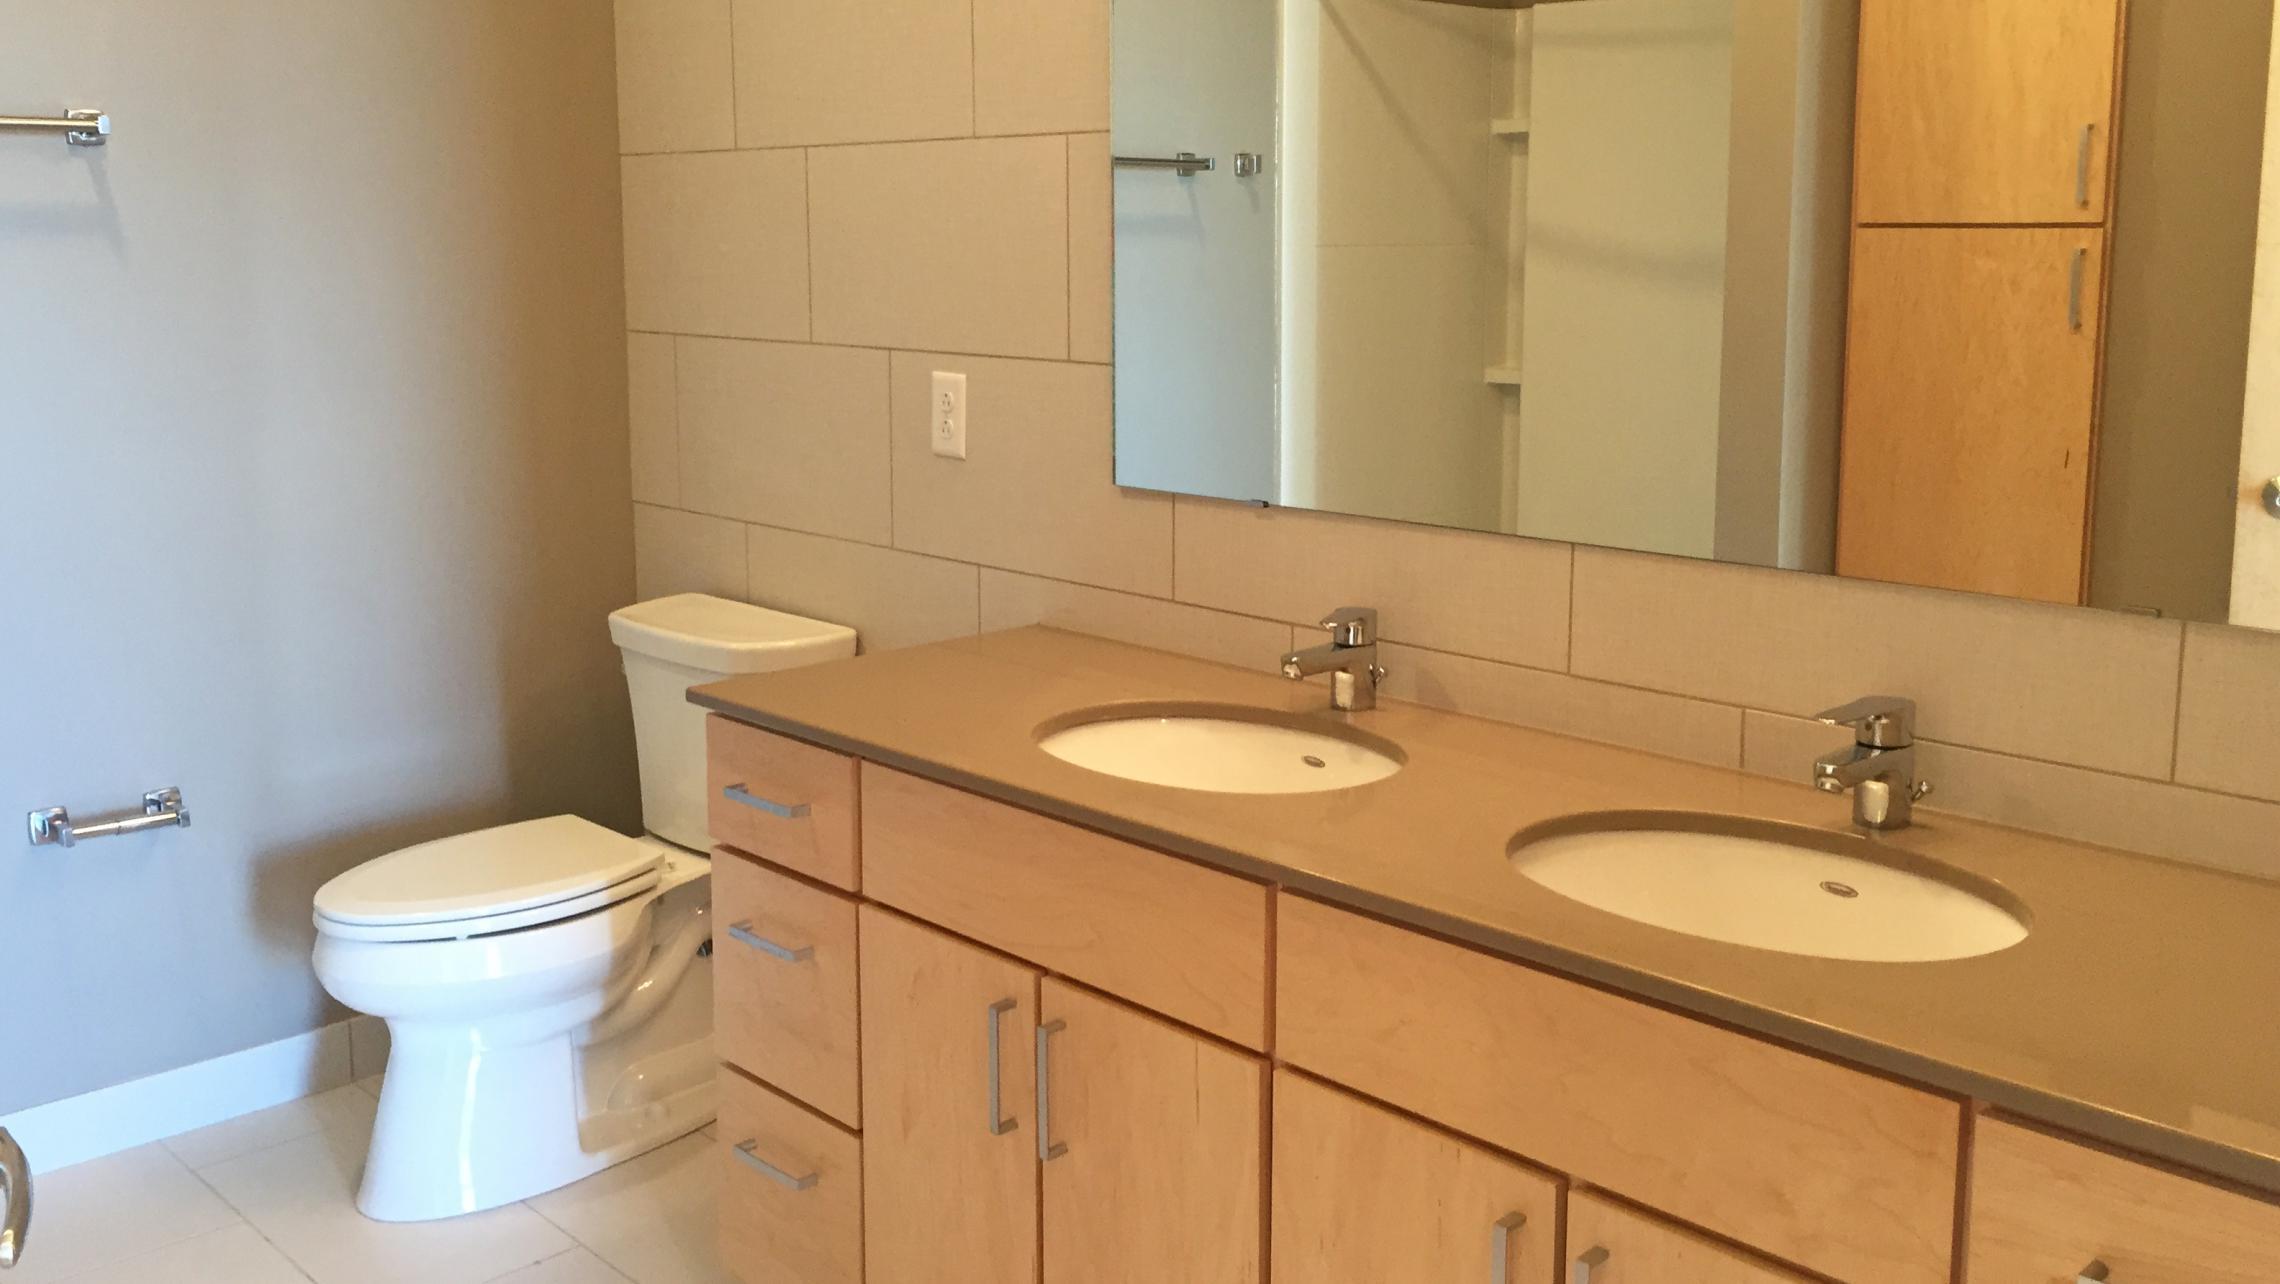 ULI Nine Line 523 - Bathroom